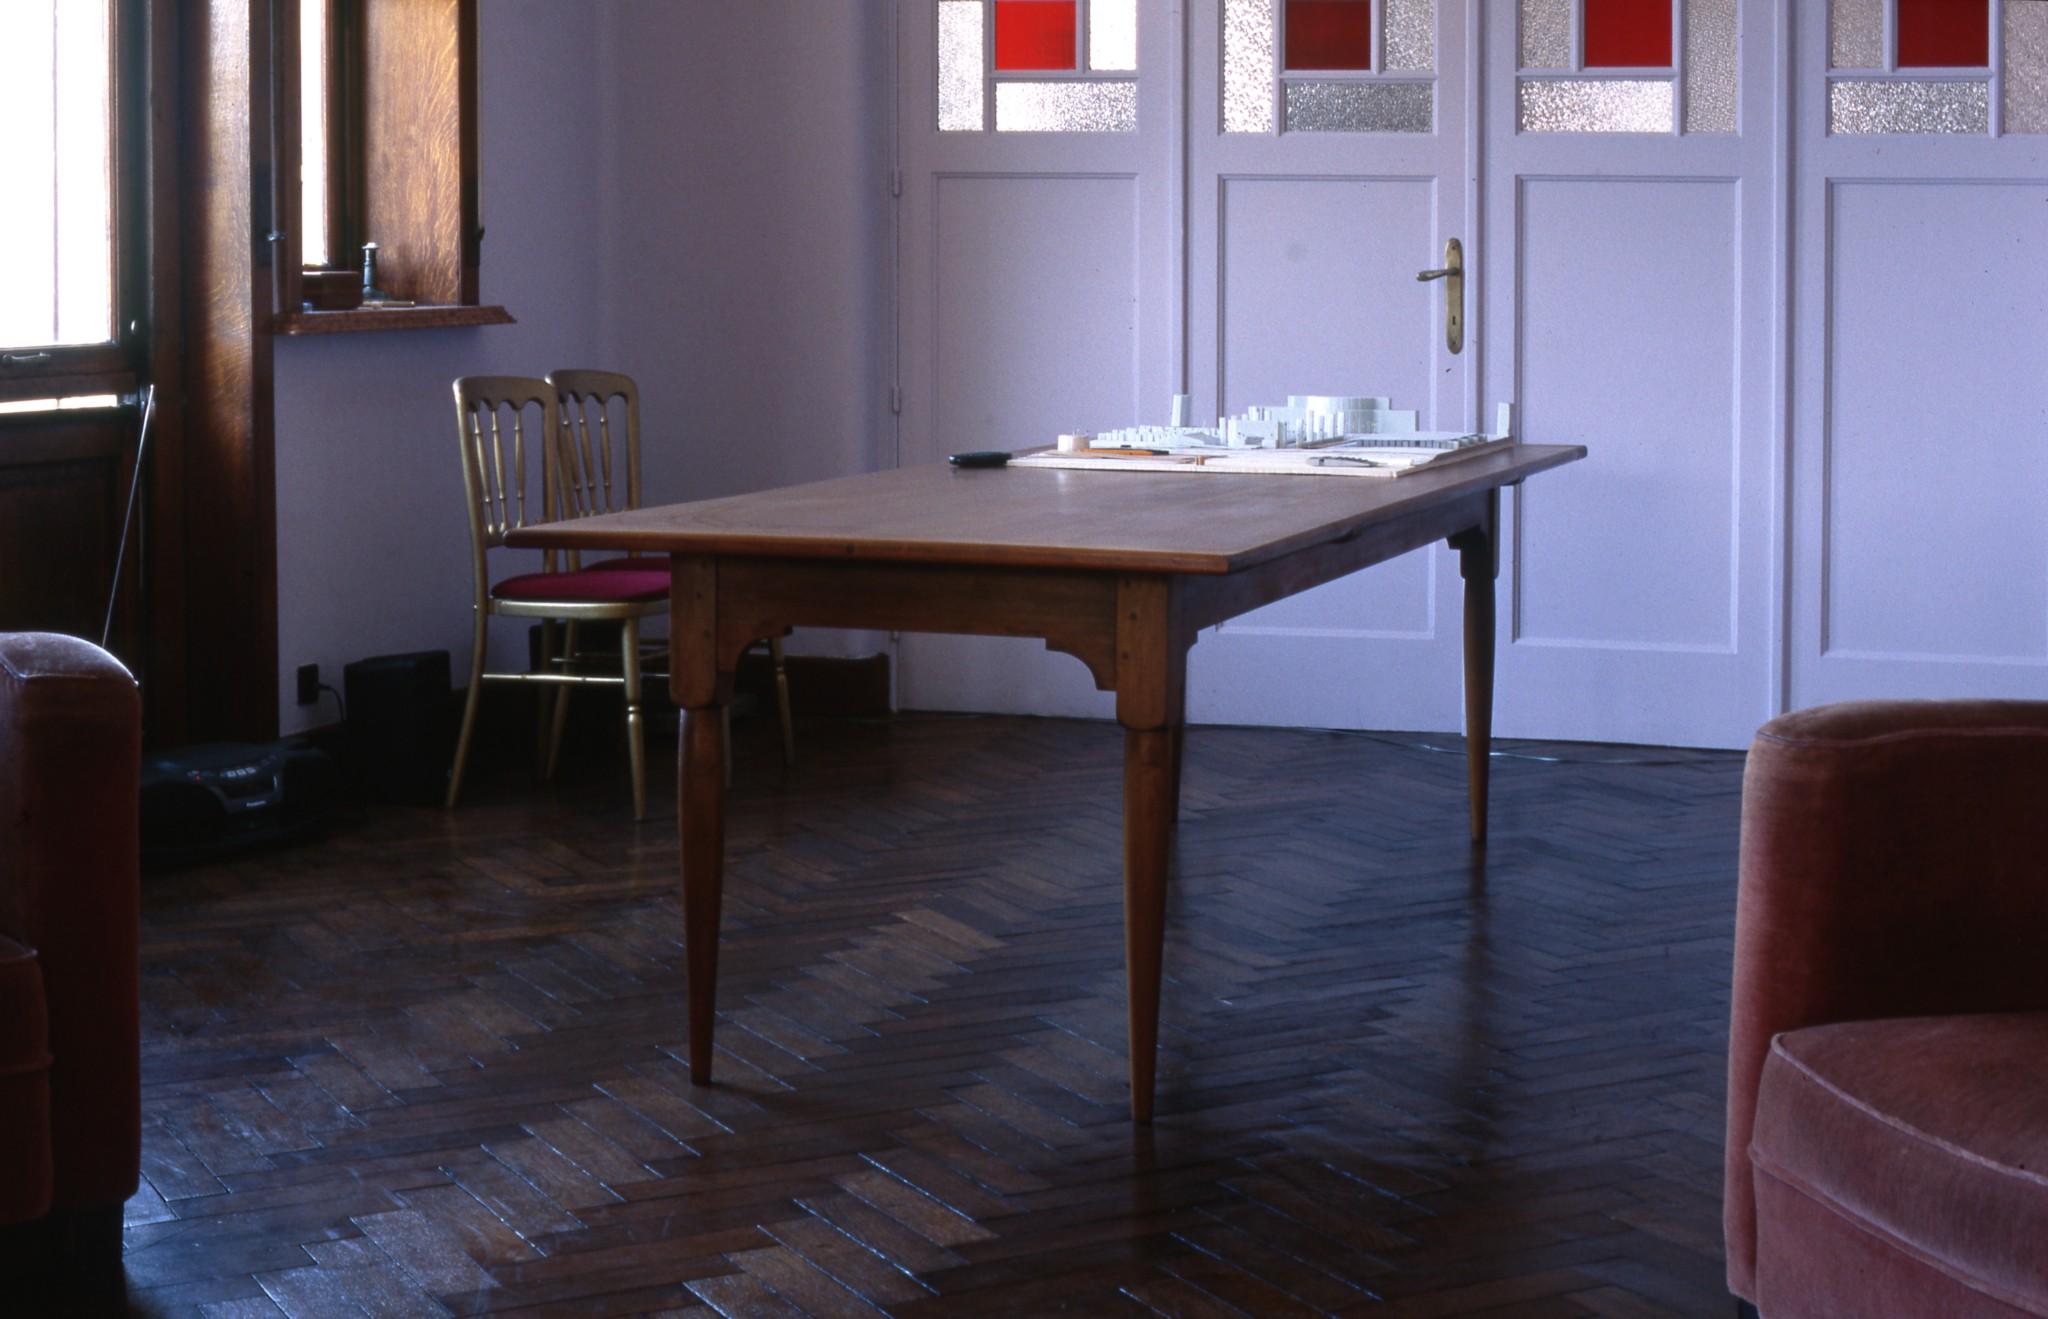 shaker tables_antoine vandewoude.jpg